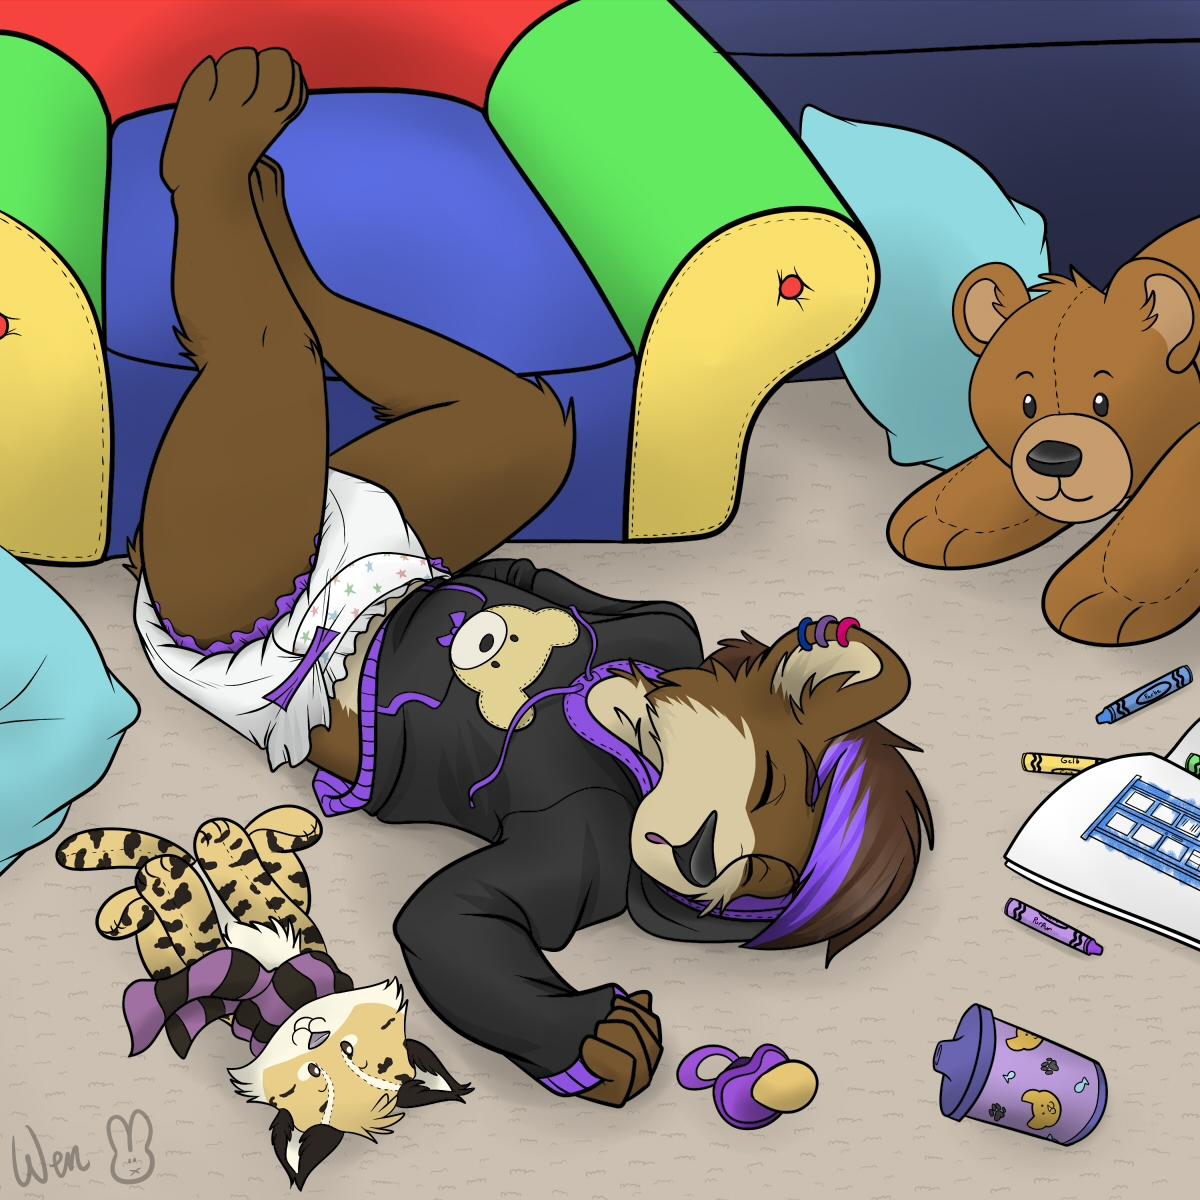 Sleepy cub by Ghostbear2k